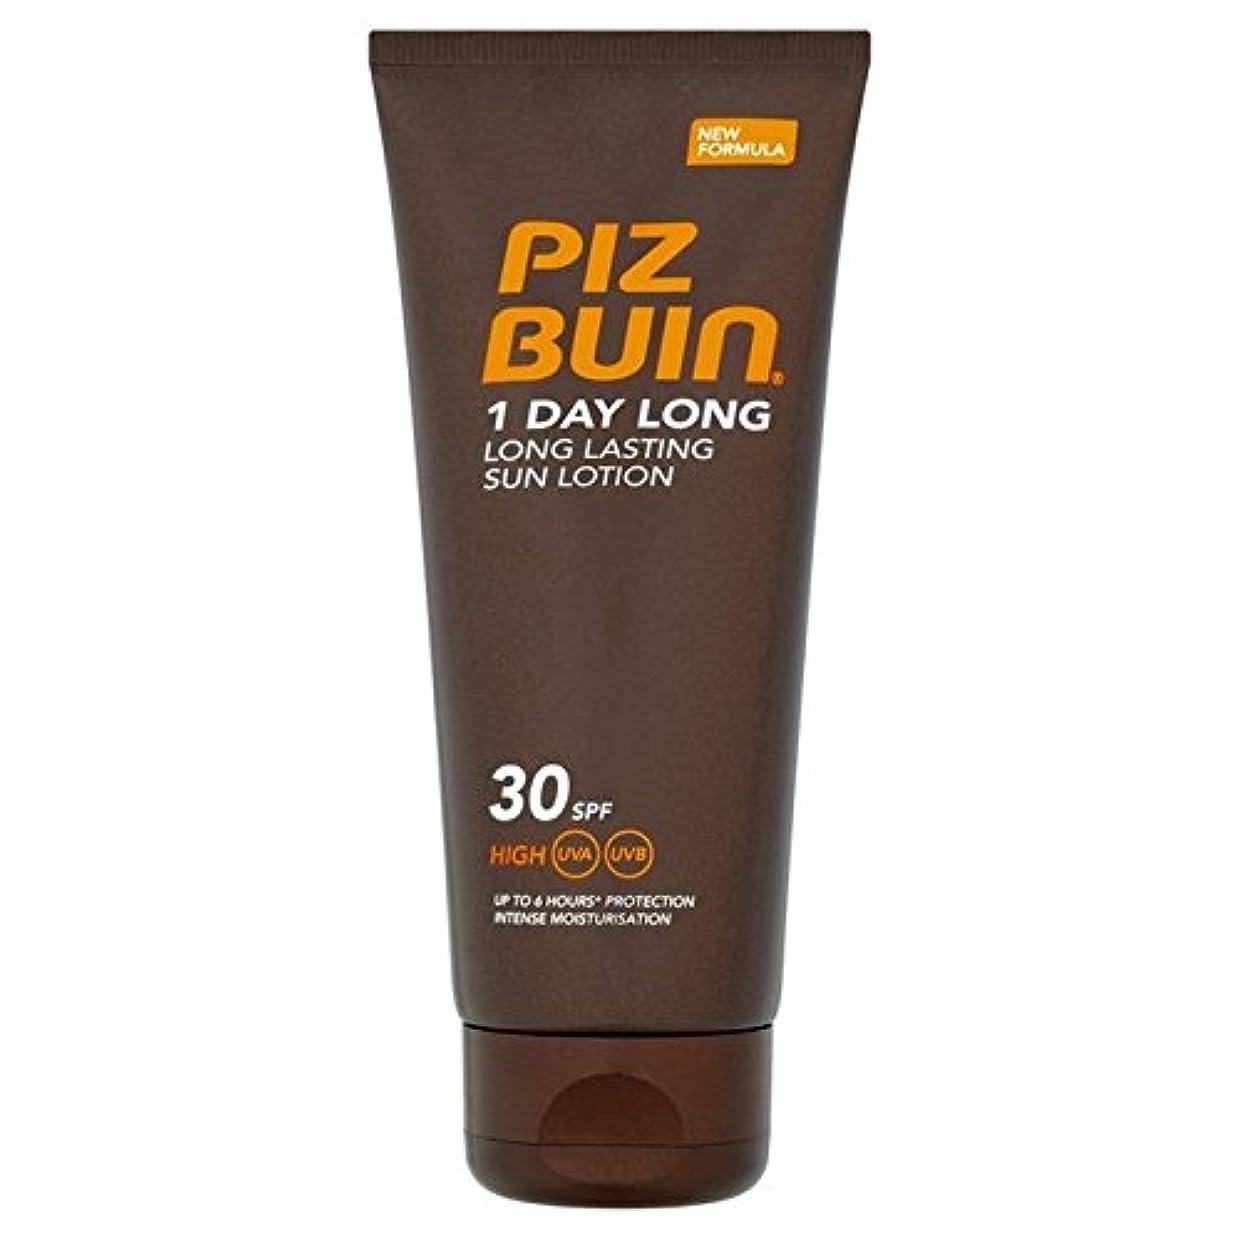 首相美容師証拠Piz Buin 1 Day Long Protection Lotion SPF 30 100ml (Pack of 6) - ピッツブーイン1日長い保護ローション 30 100ミリリットル x6 [並行輸入品]